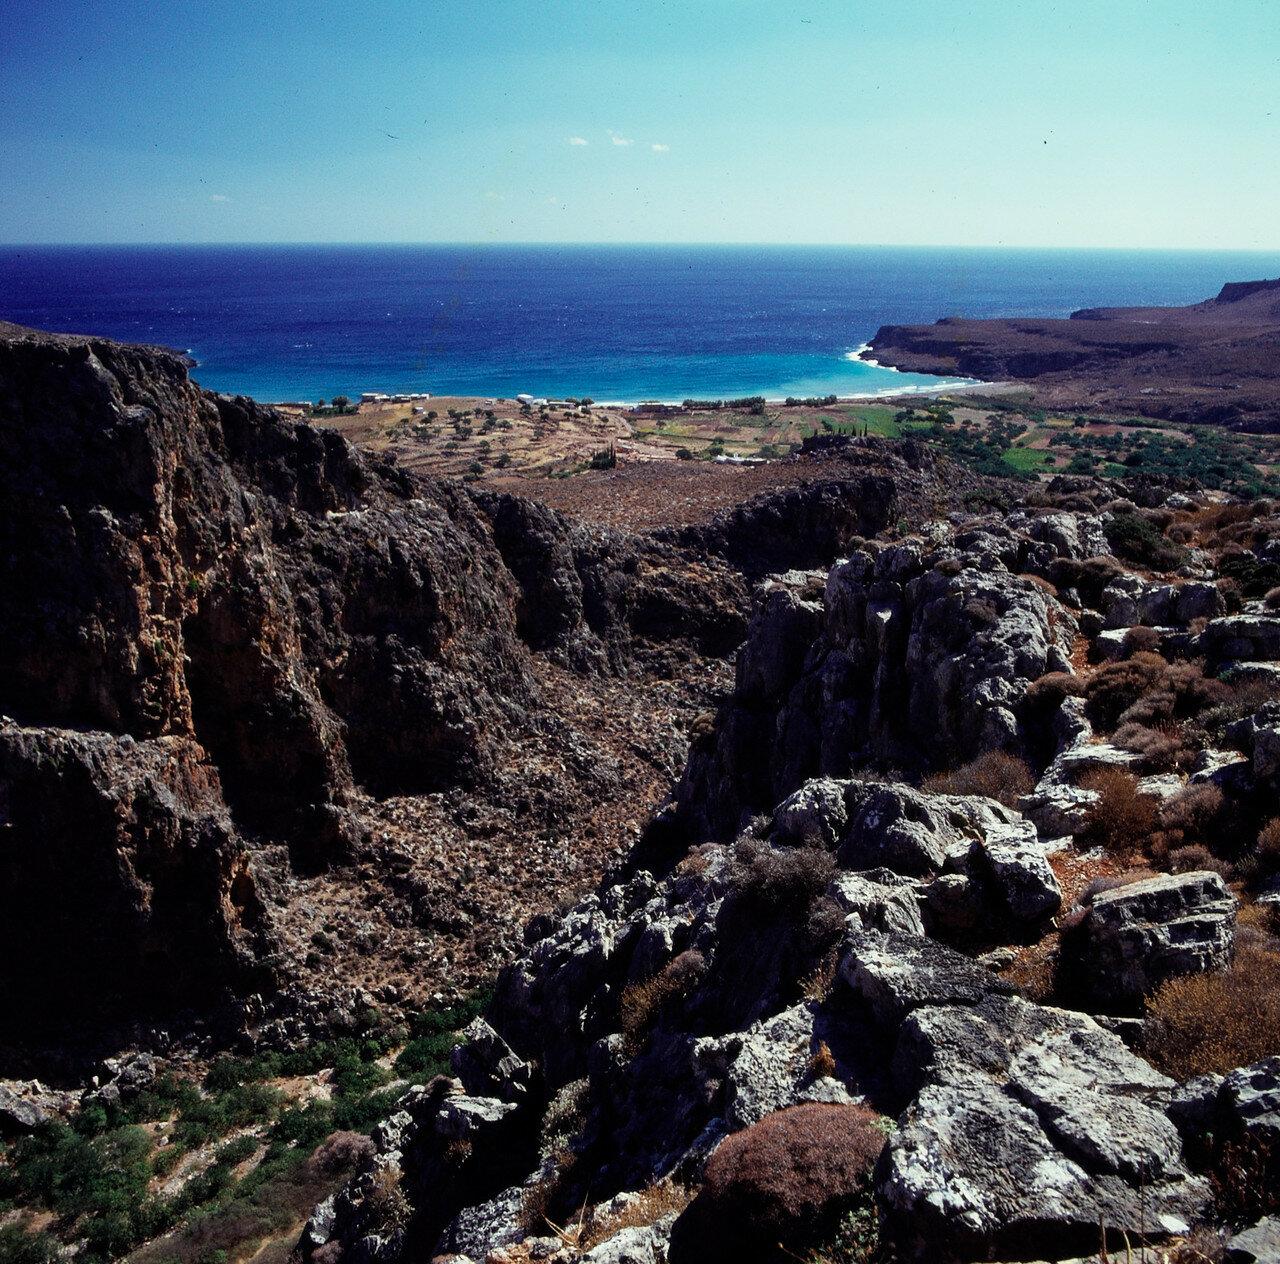 35. Ущелье мертвых — небольшой каньон, длиной около 5 километров расположенный в восточной части Крита. Вход в ущелье находится неподалеку от деревни Ано Закрос. Заканчивается ущелье на самом побережье, рядом с пляжем и деревней Като Закрос